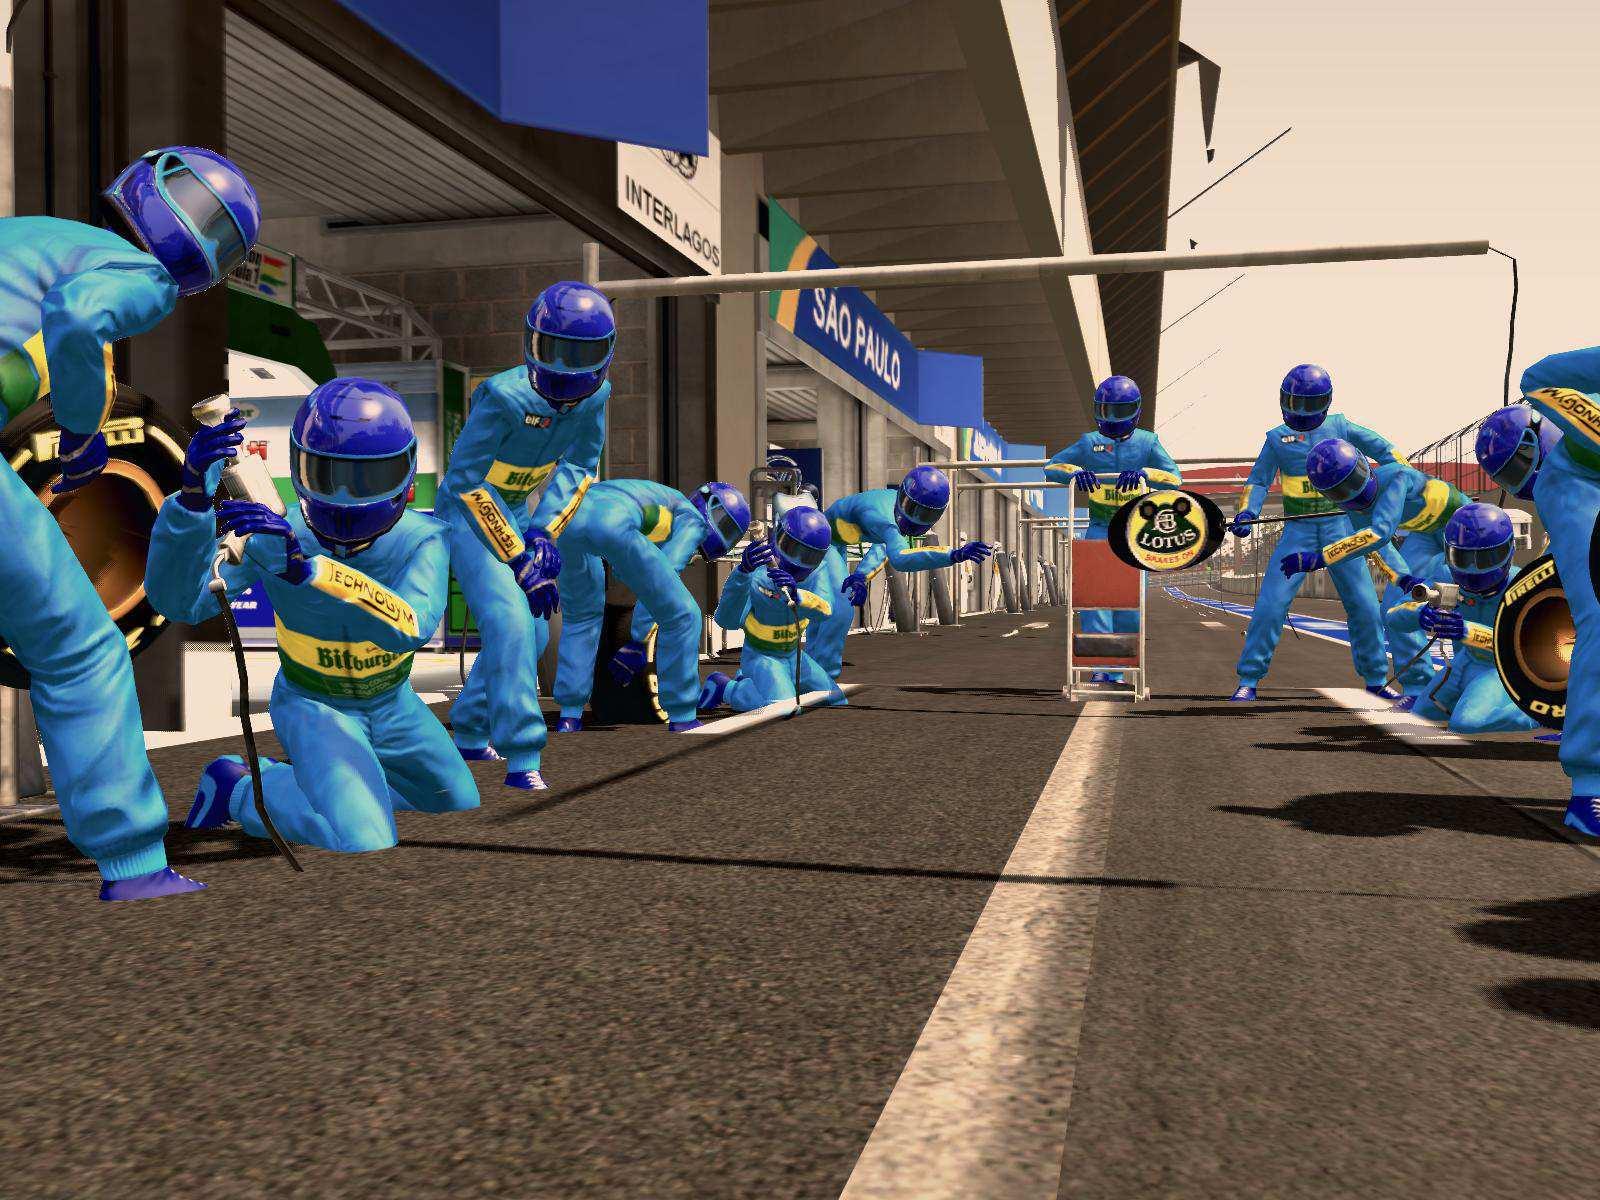 94_Benetton_7-M.jpg